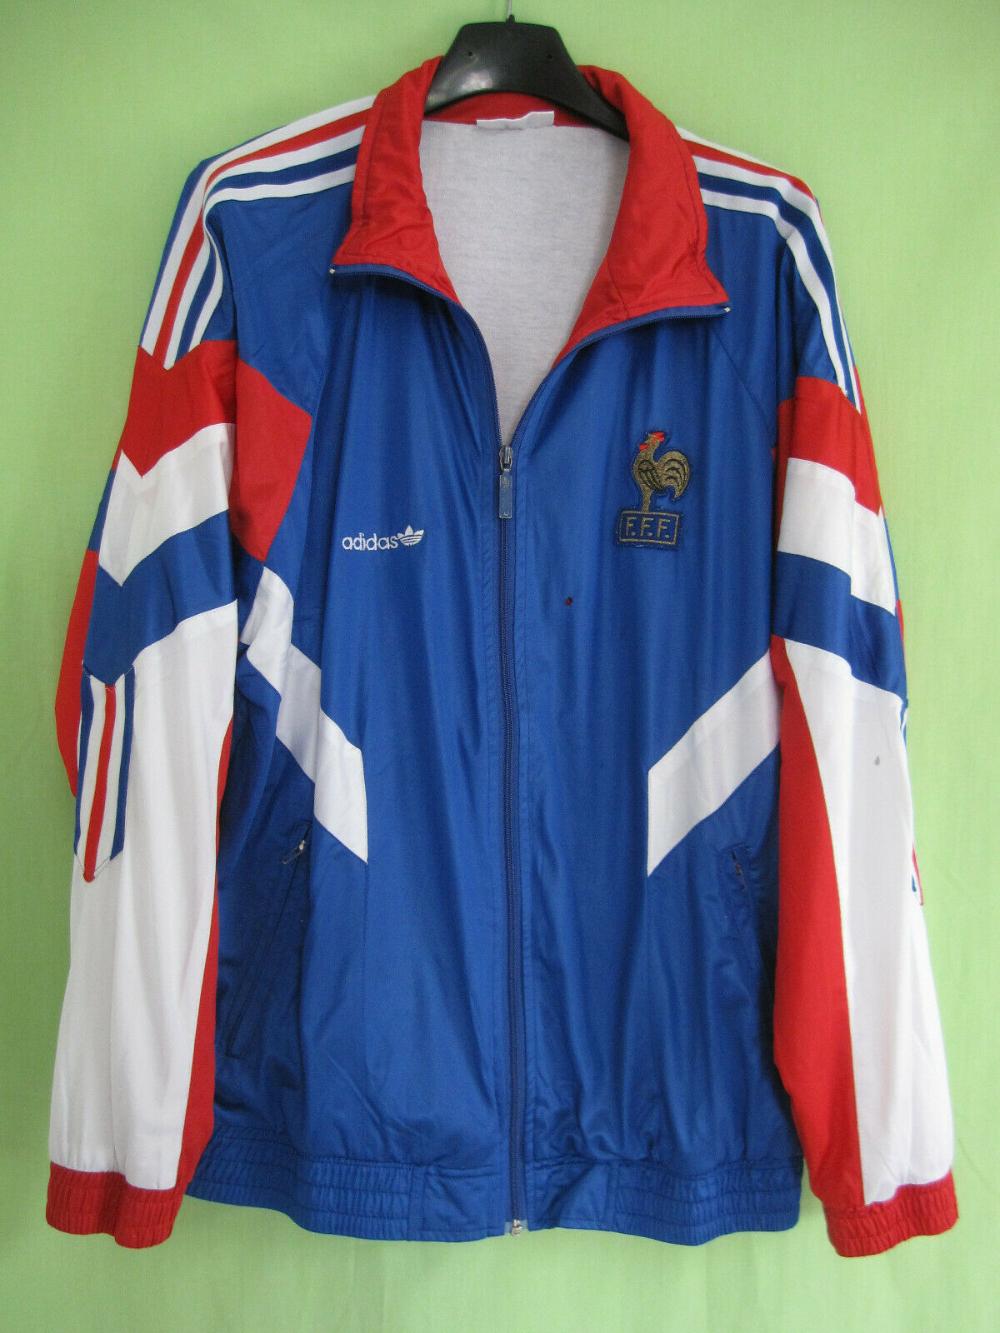 Veste Equipe France 1992 Adidas Vintage Jacket Homme